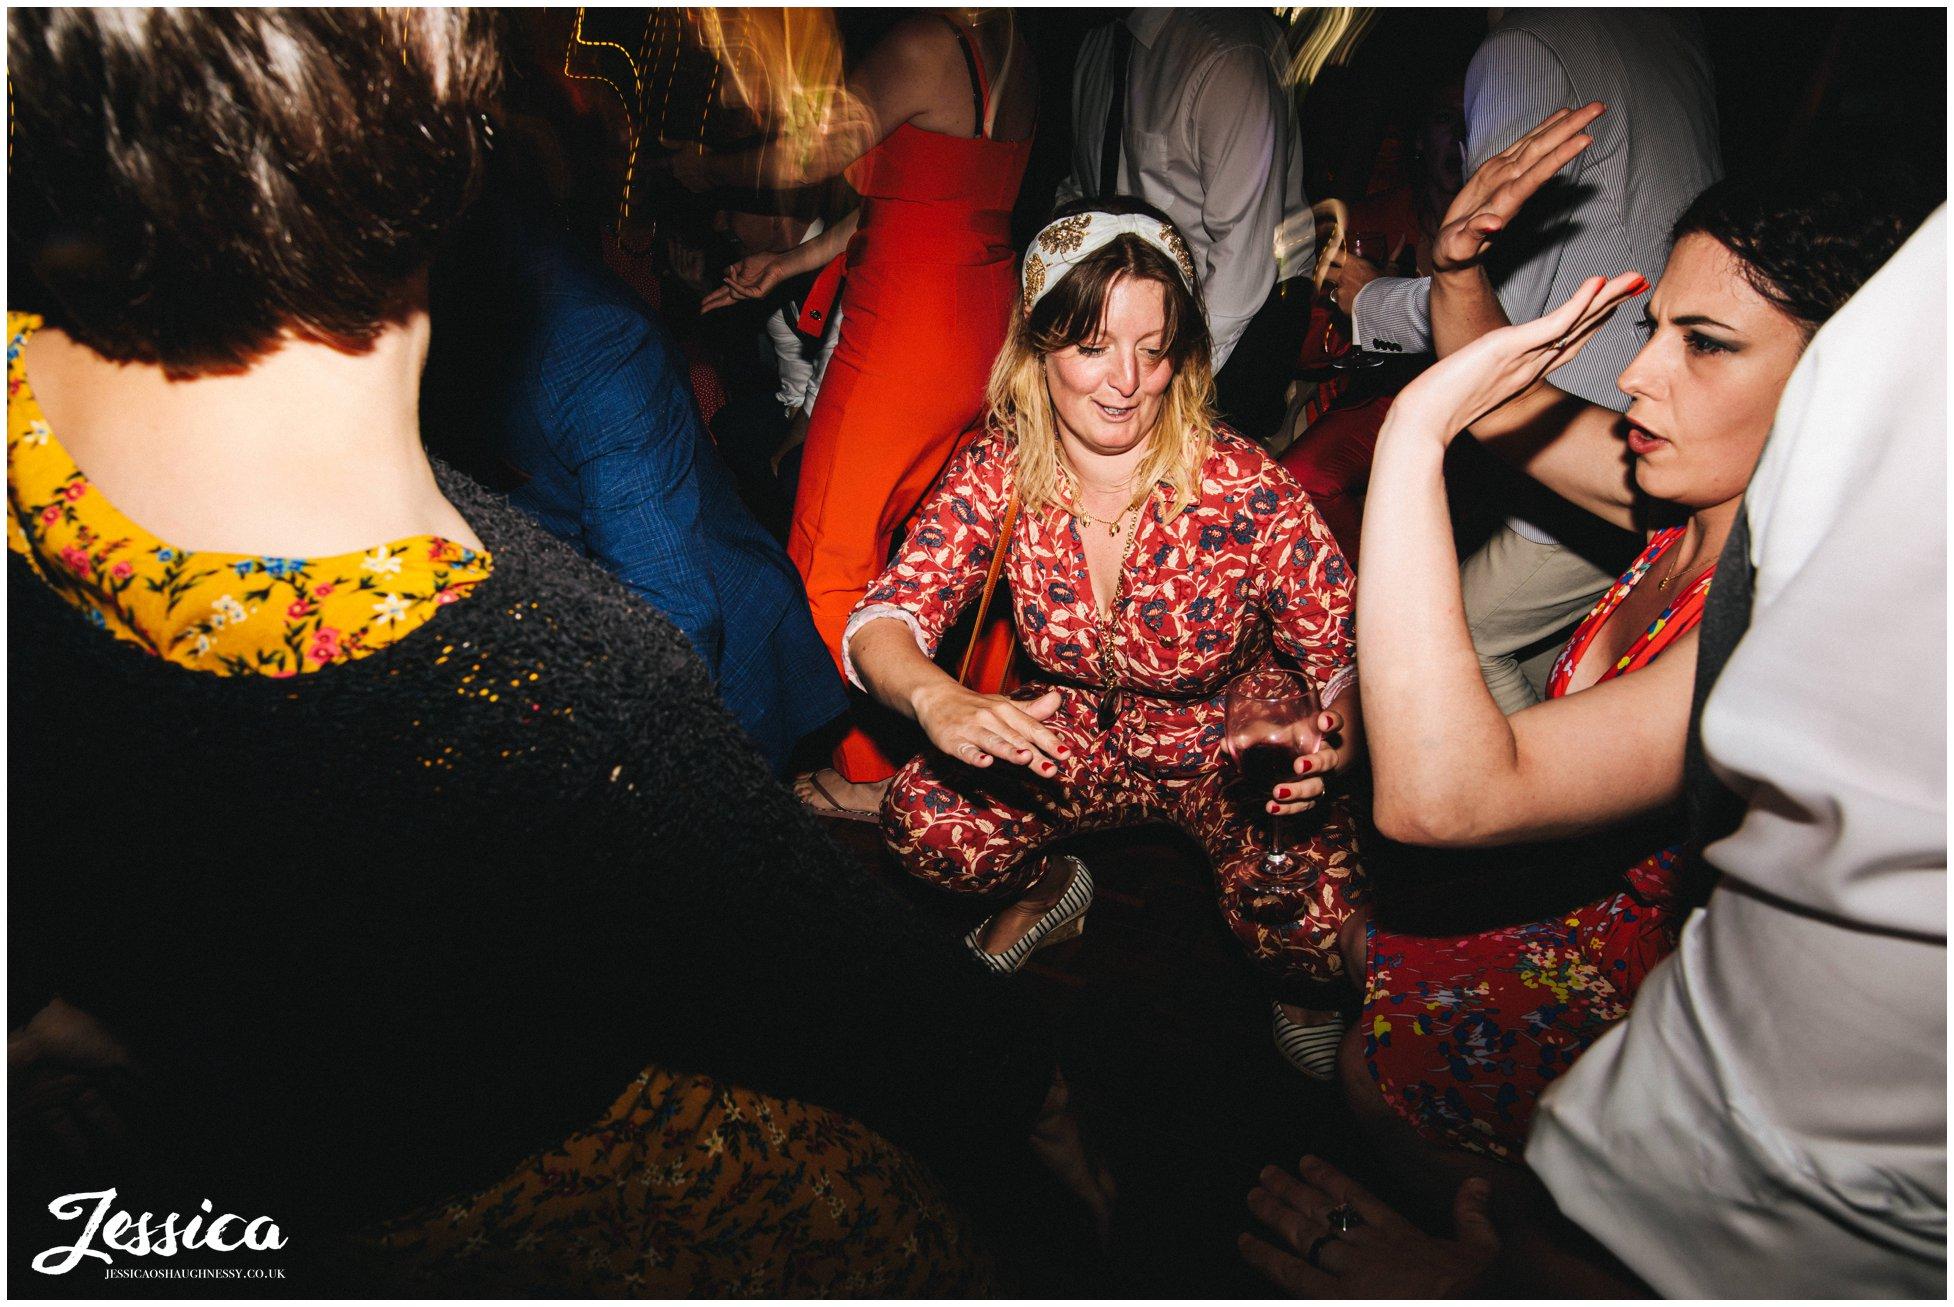 guests get low on the dancefloor